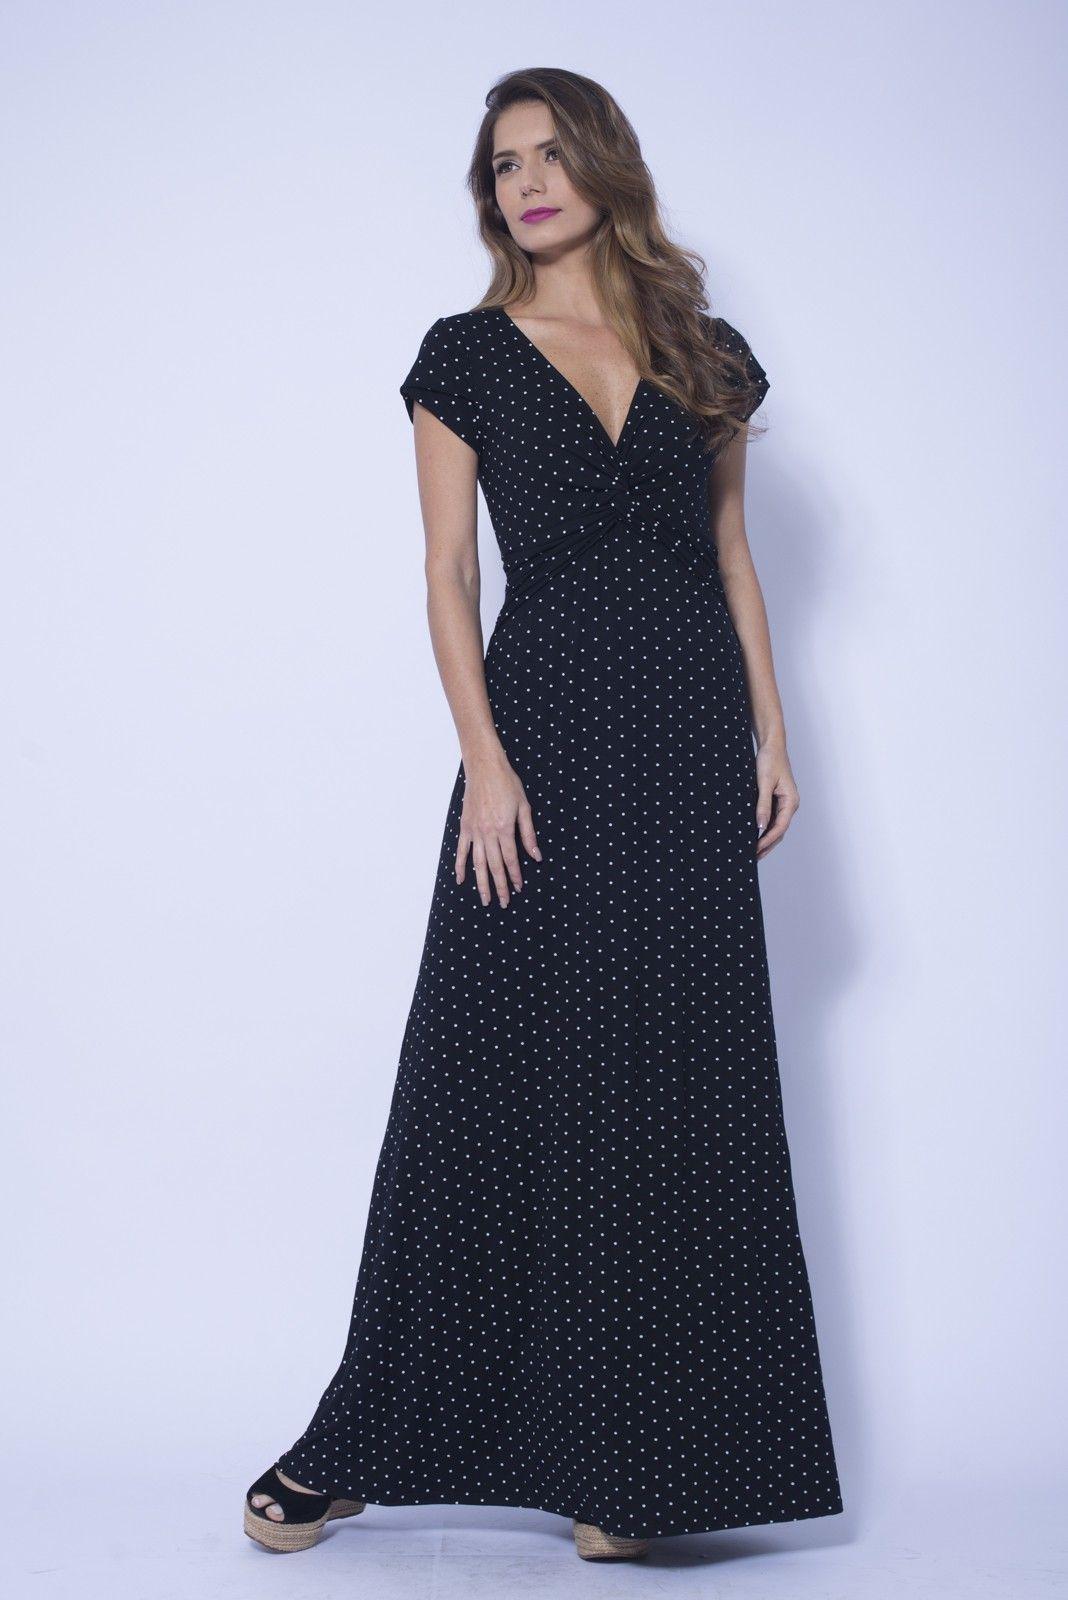 Vestido longo estampa mexican trip dress to